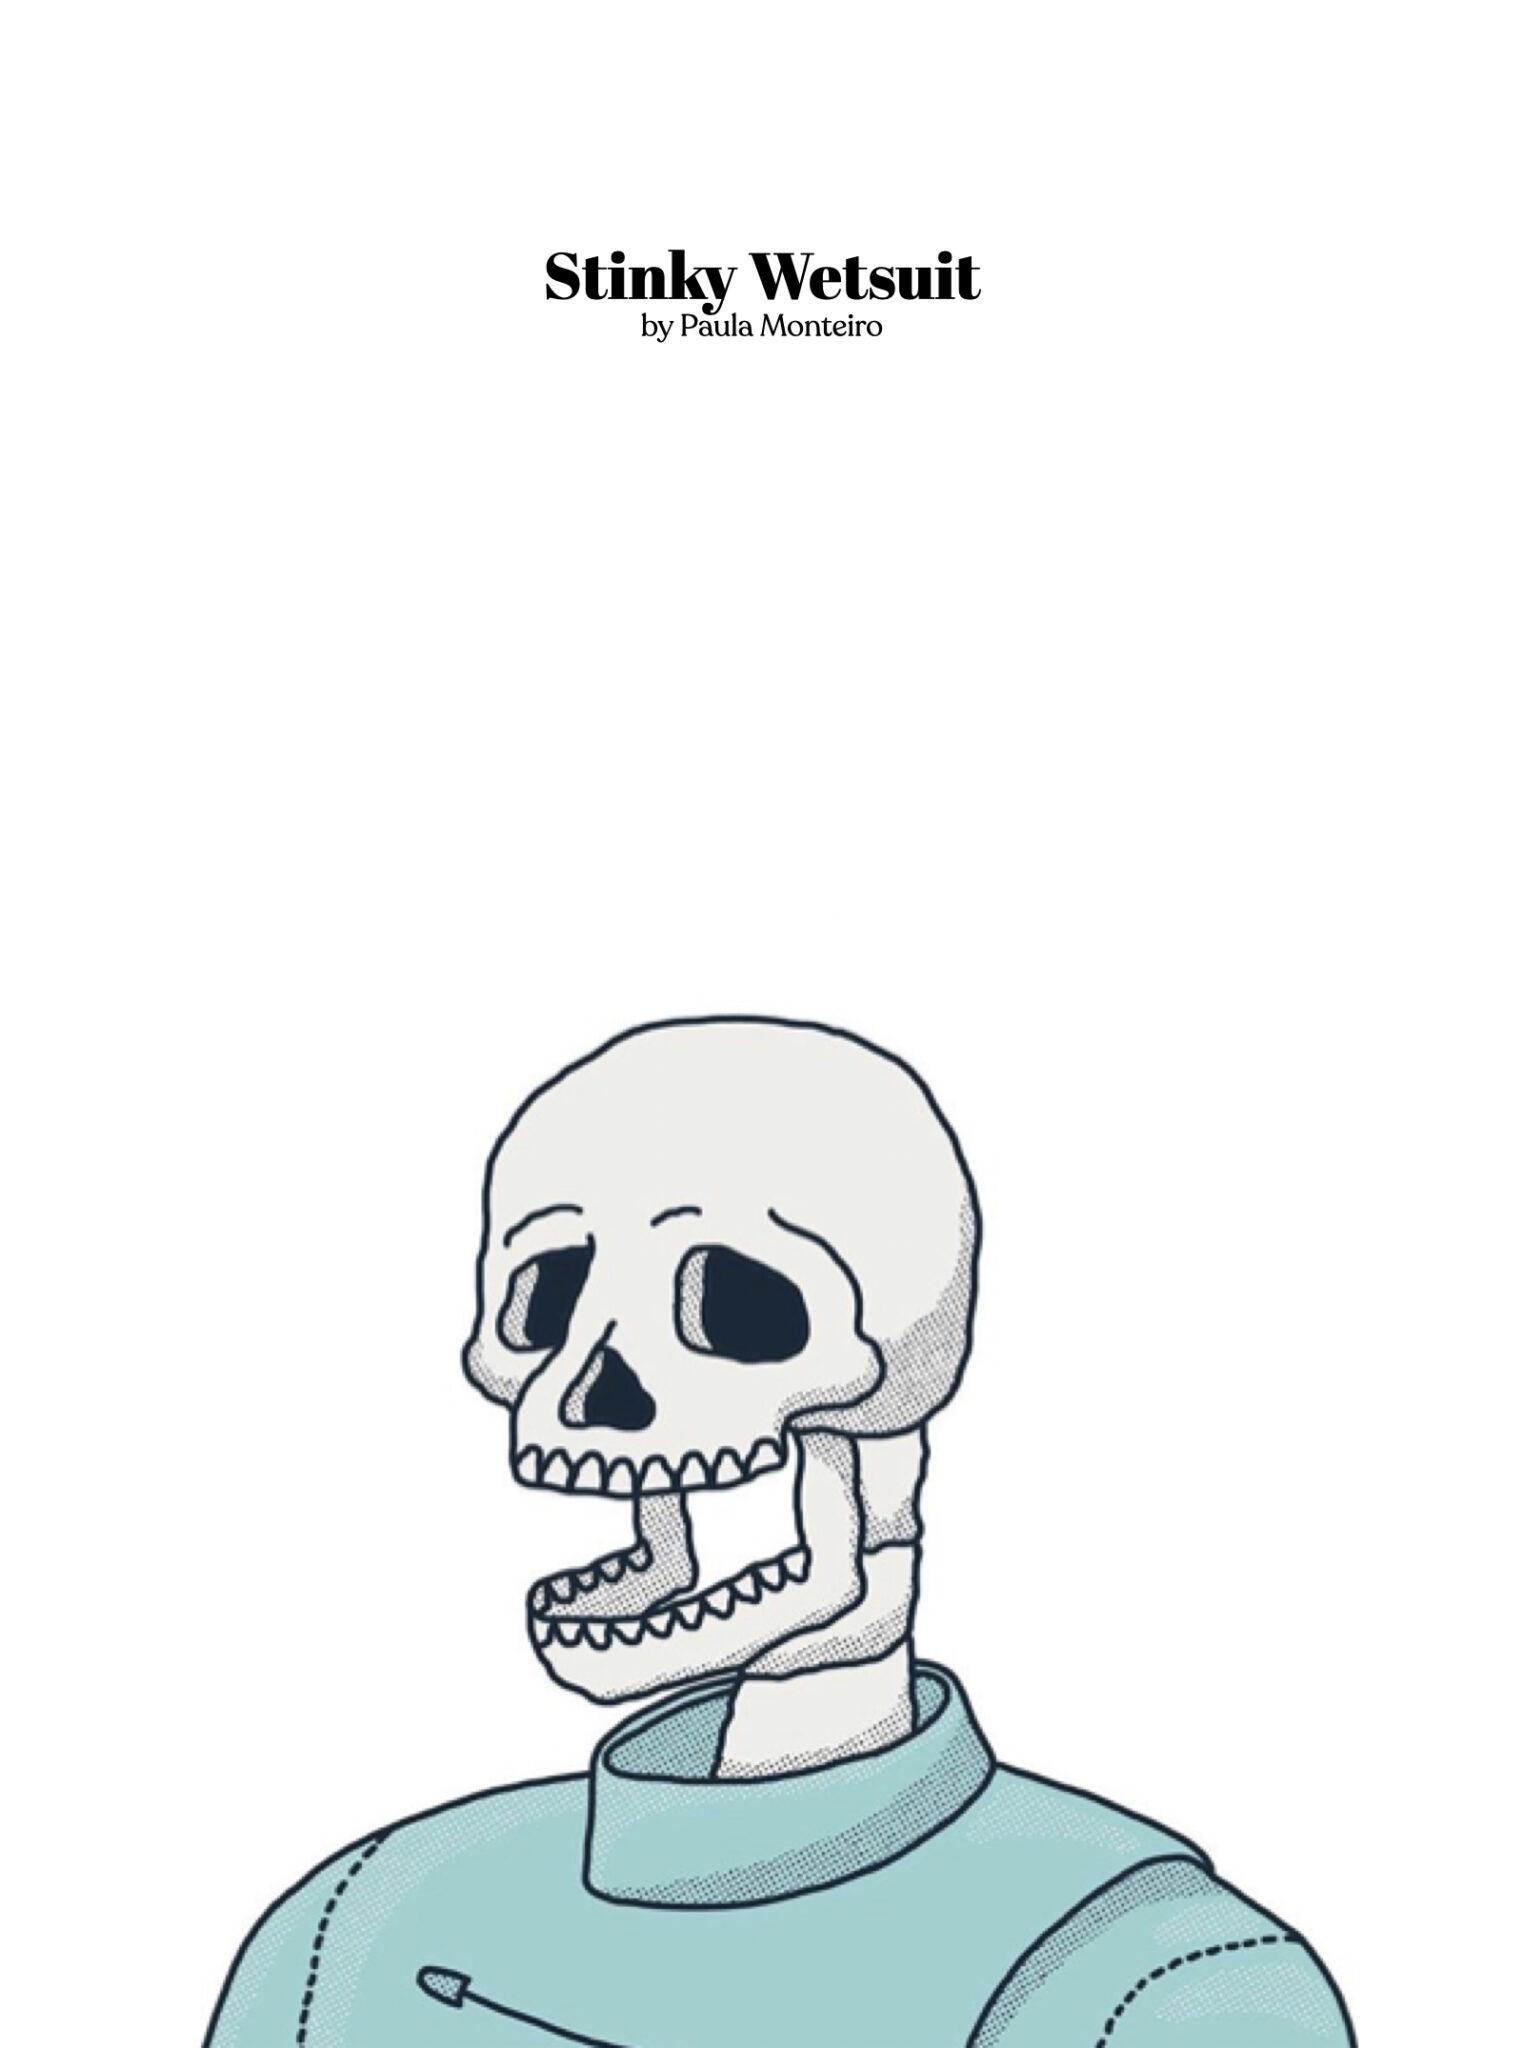 Stinky Wetsuit